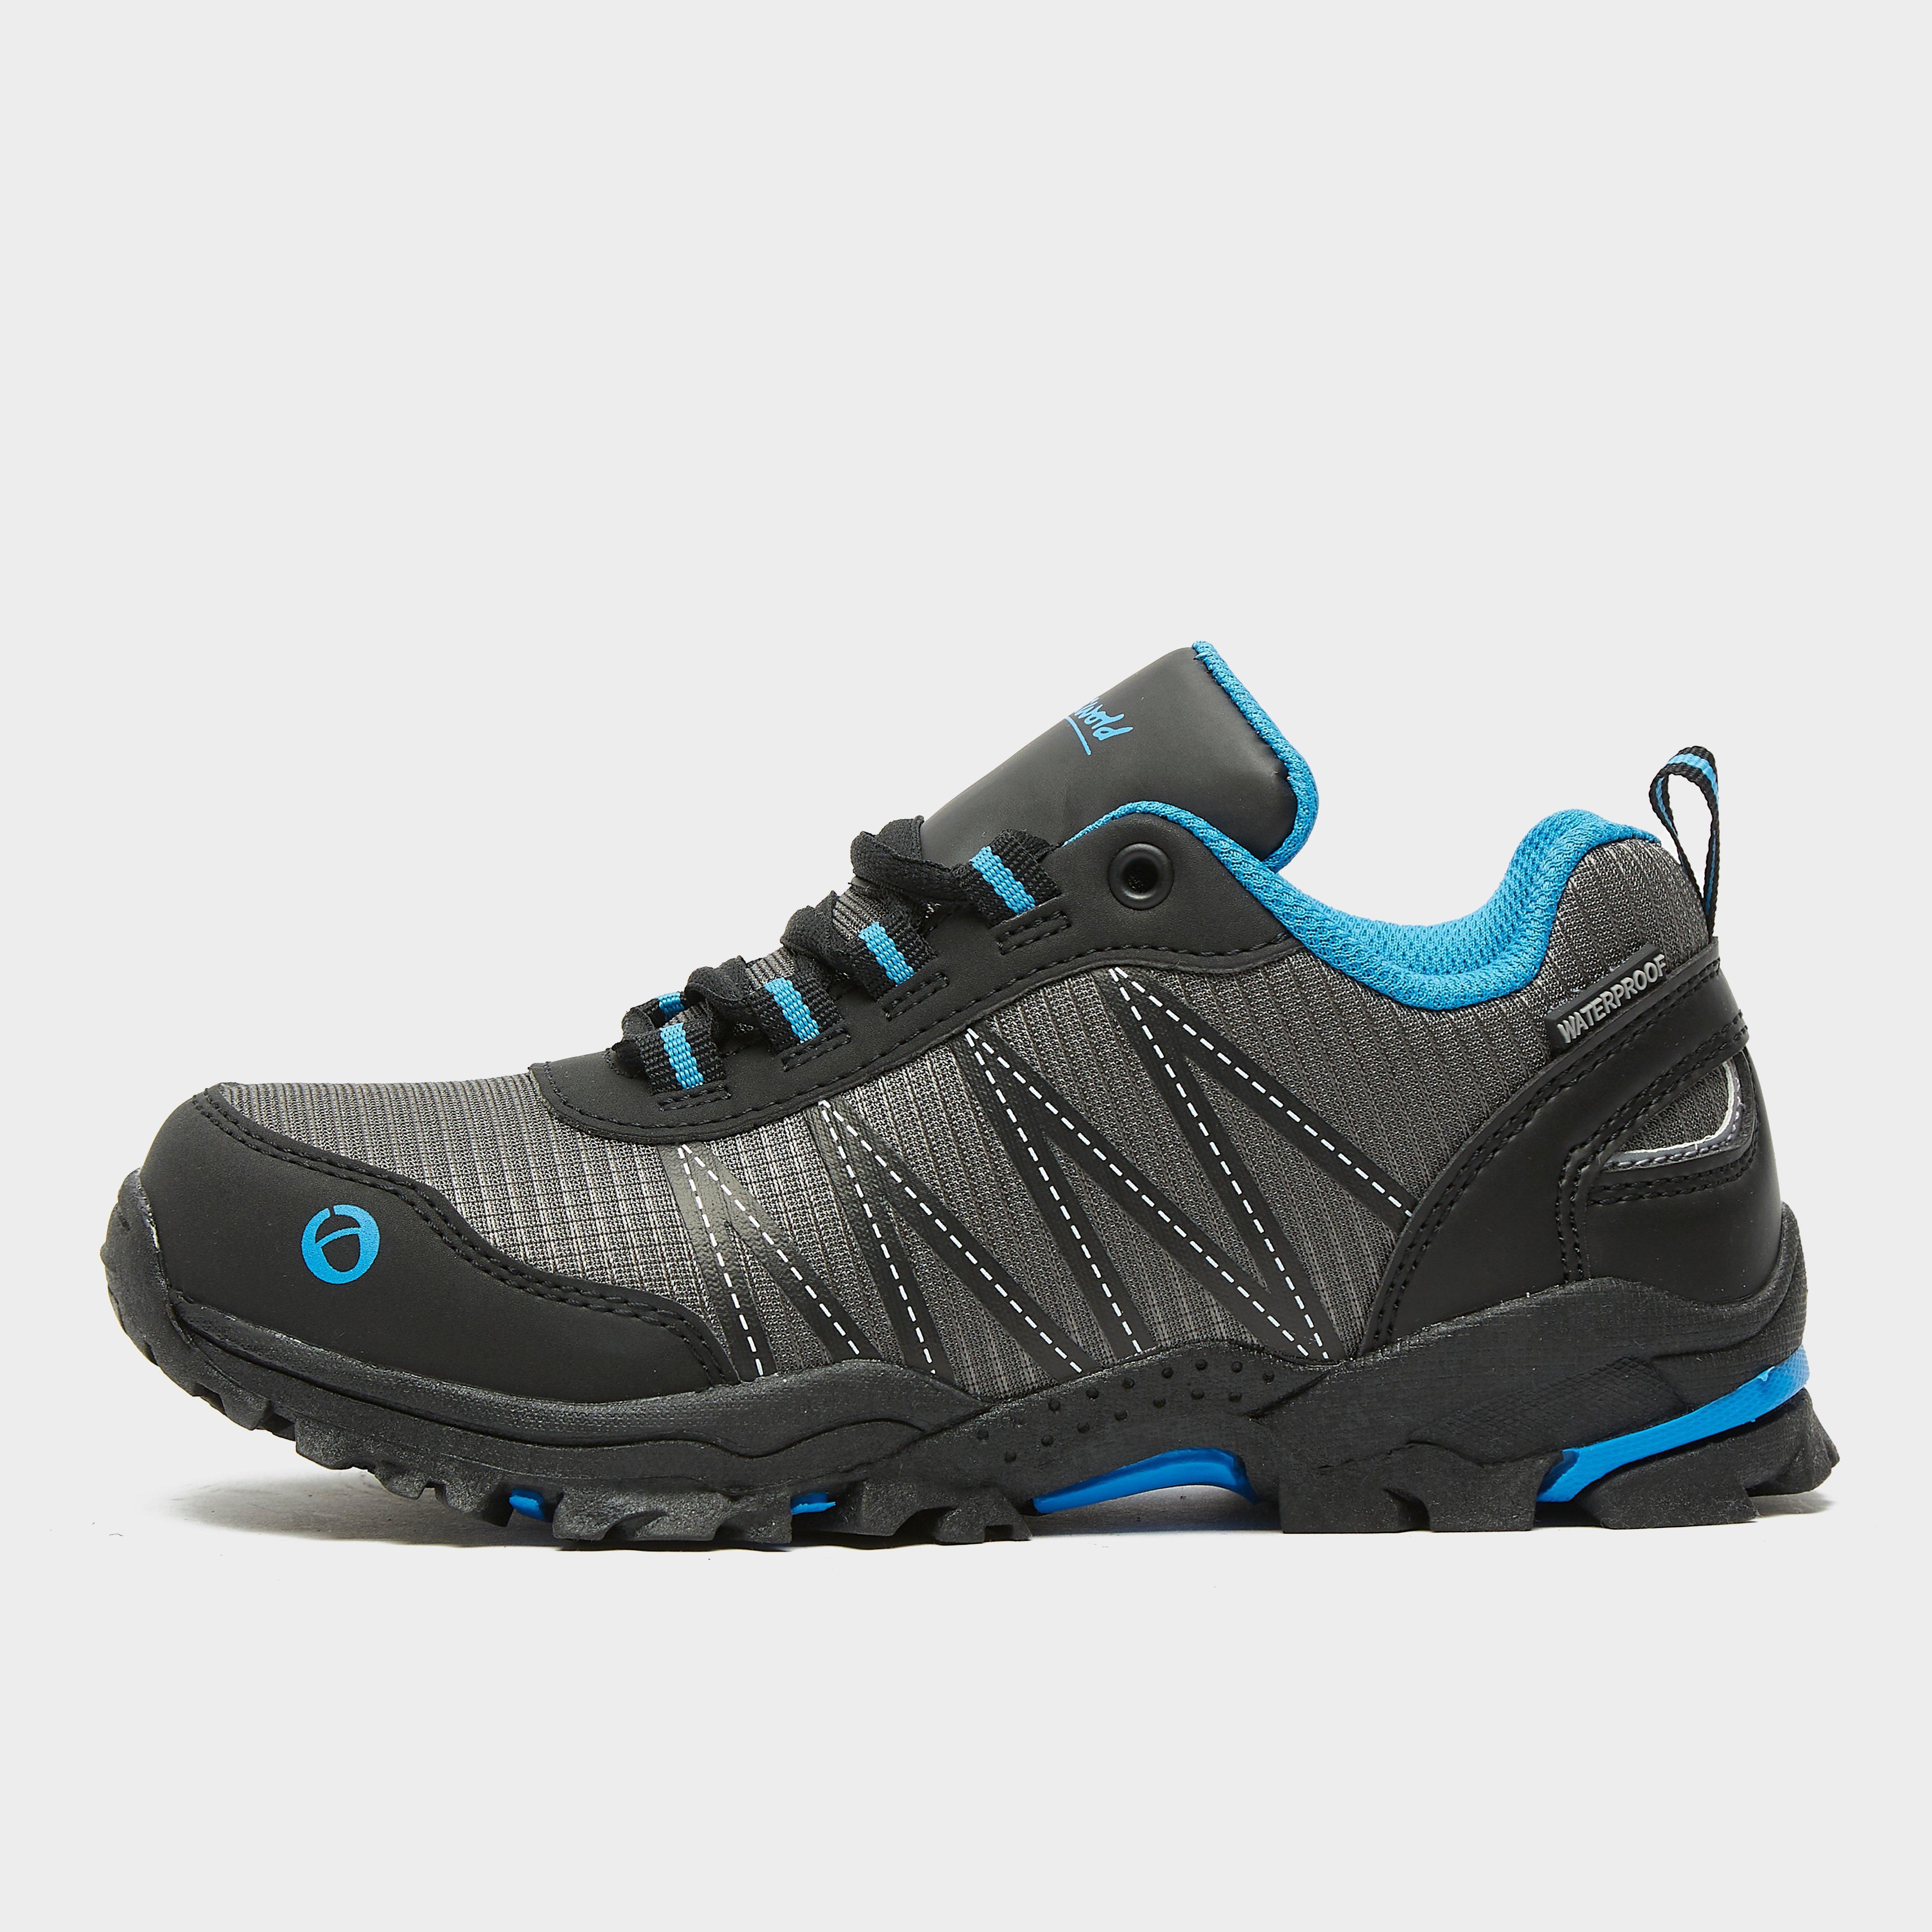 Image of Cotswold Kids' Littledean Waterproof Walking Boots - Grey/Blu, Grey/BLU